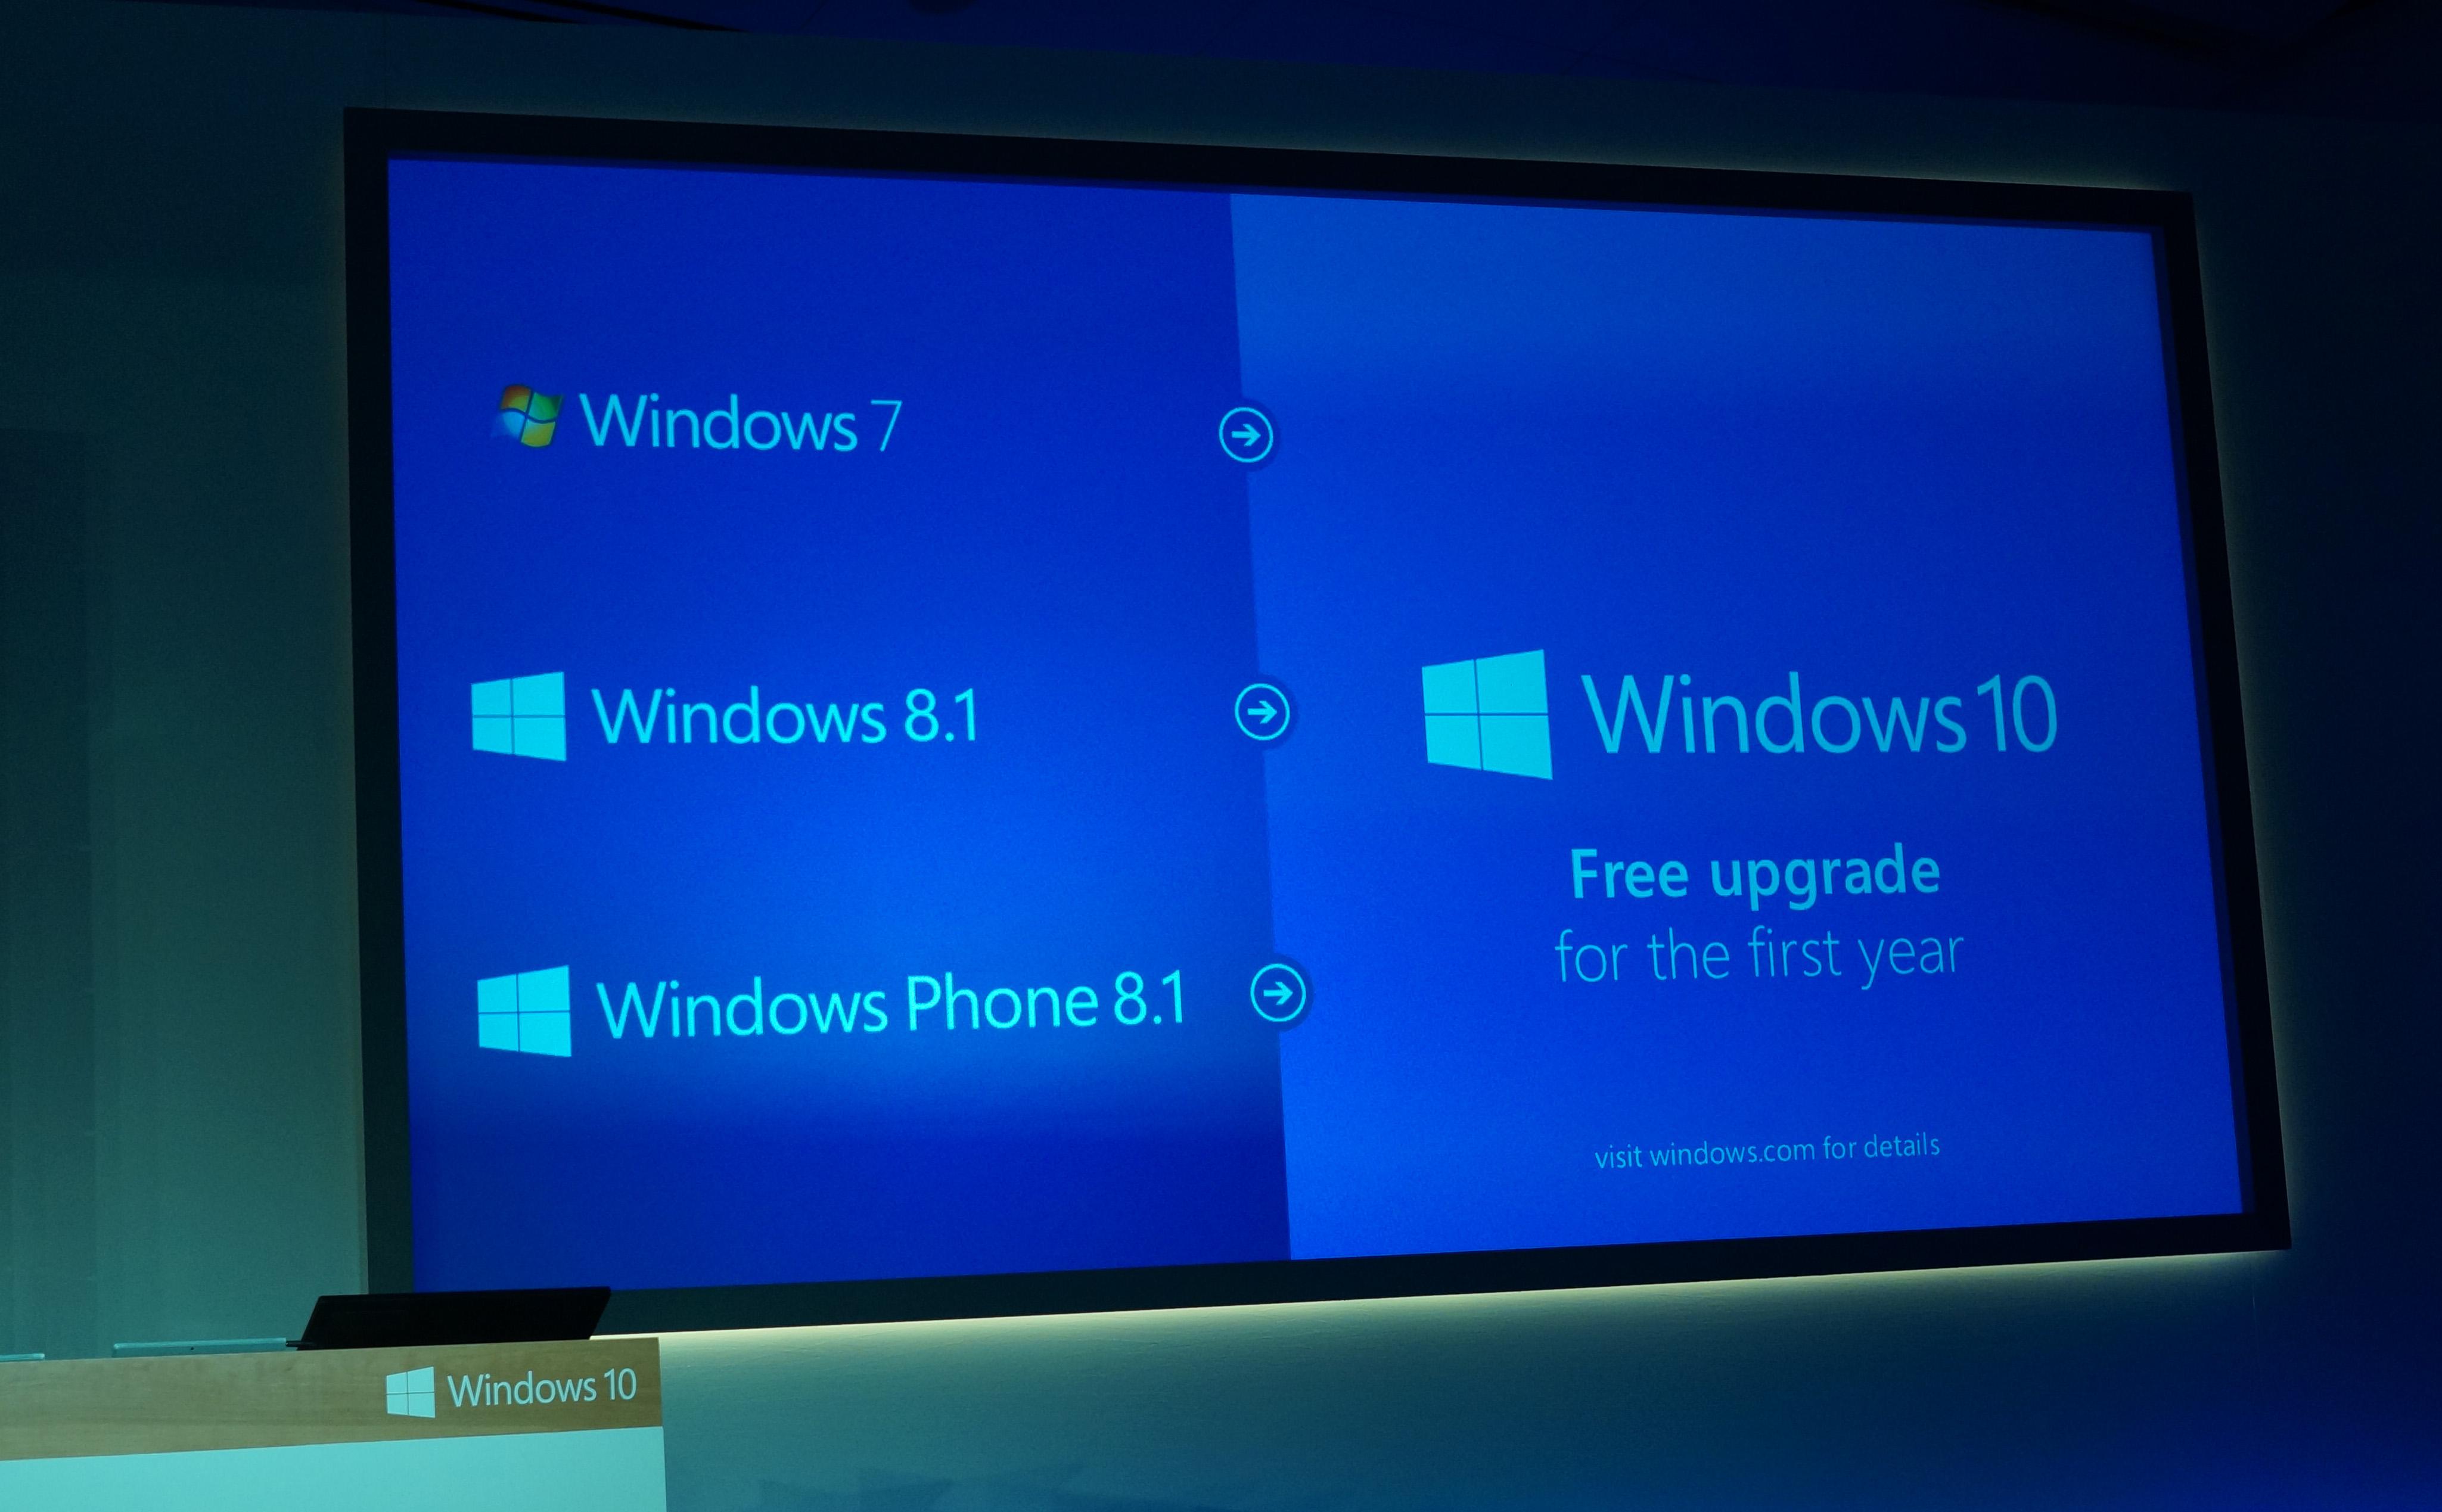 microsoft annonce que windows 10 sera une mise jour gratuite pendant un an geeks and com 39. Black Bedroom Furniture Sets. Home Design Ideas